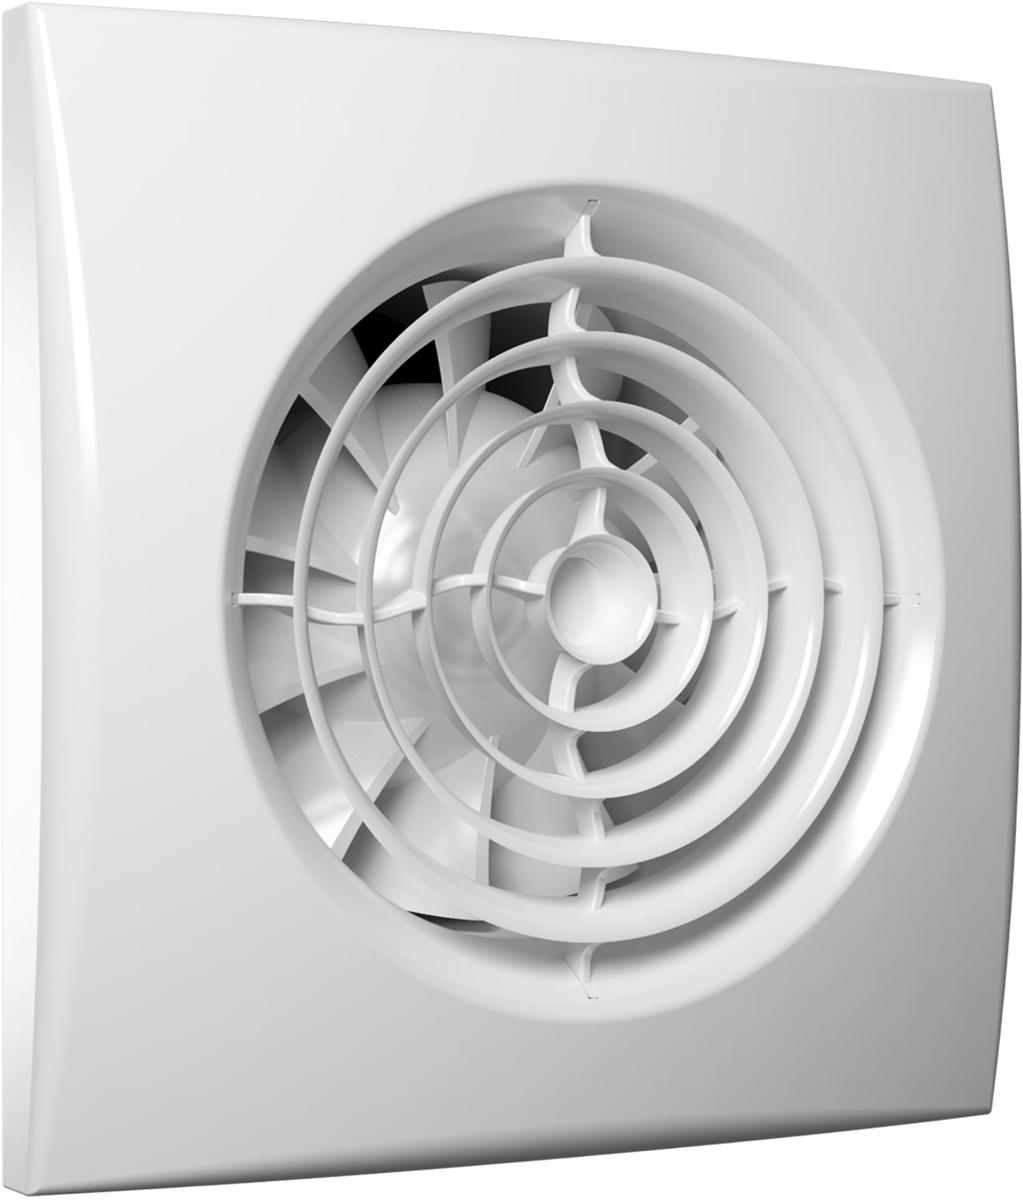 DiCiTi Aura 5C вентилятор осевой вытяжной - Вентиляторы